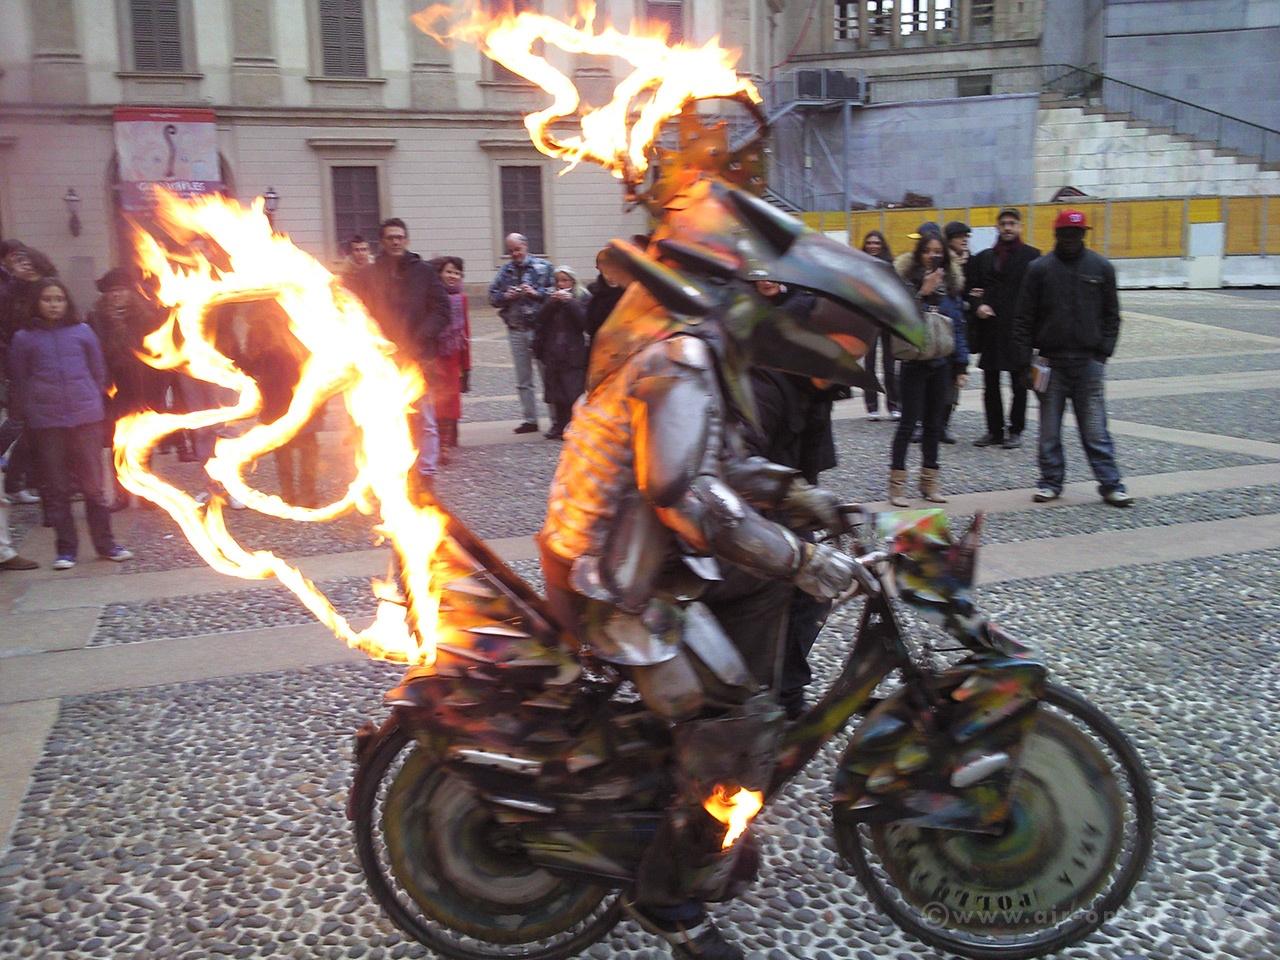 Paolo Buggiani - Piazza del Duomo, Milano 2010